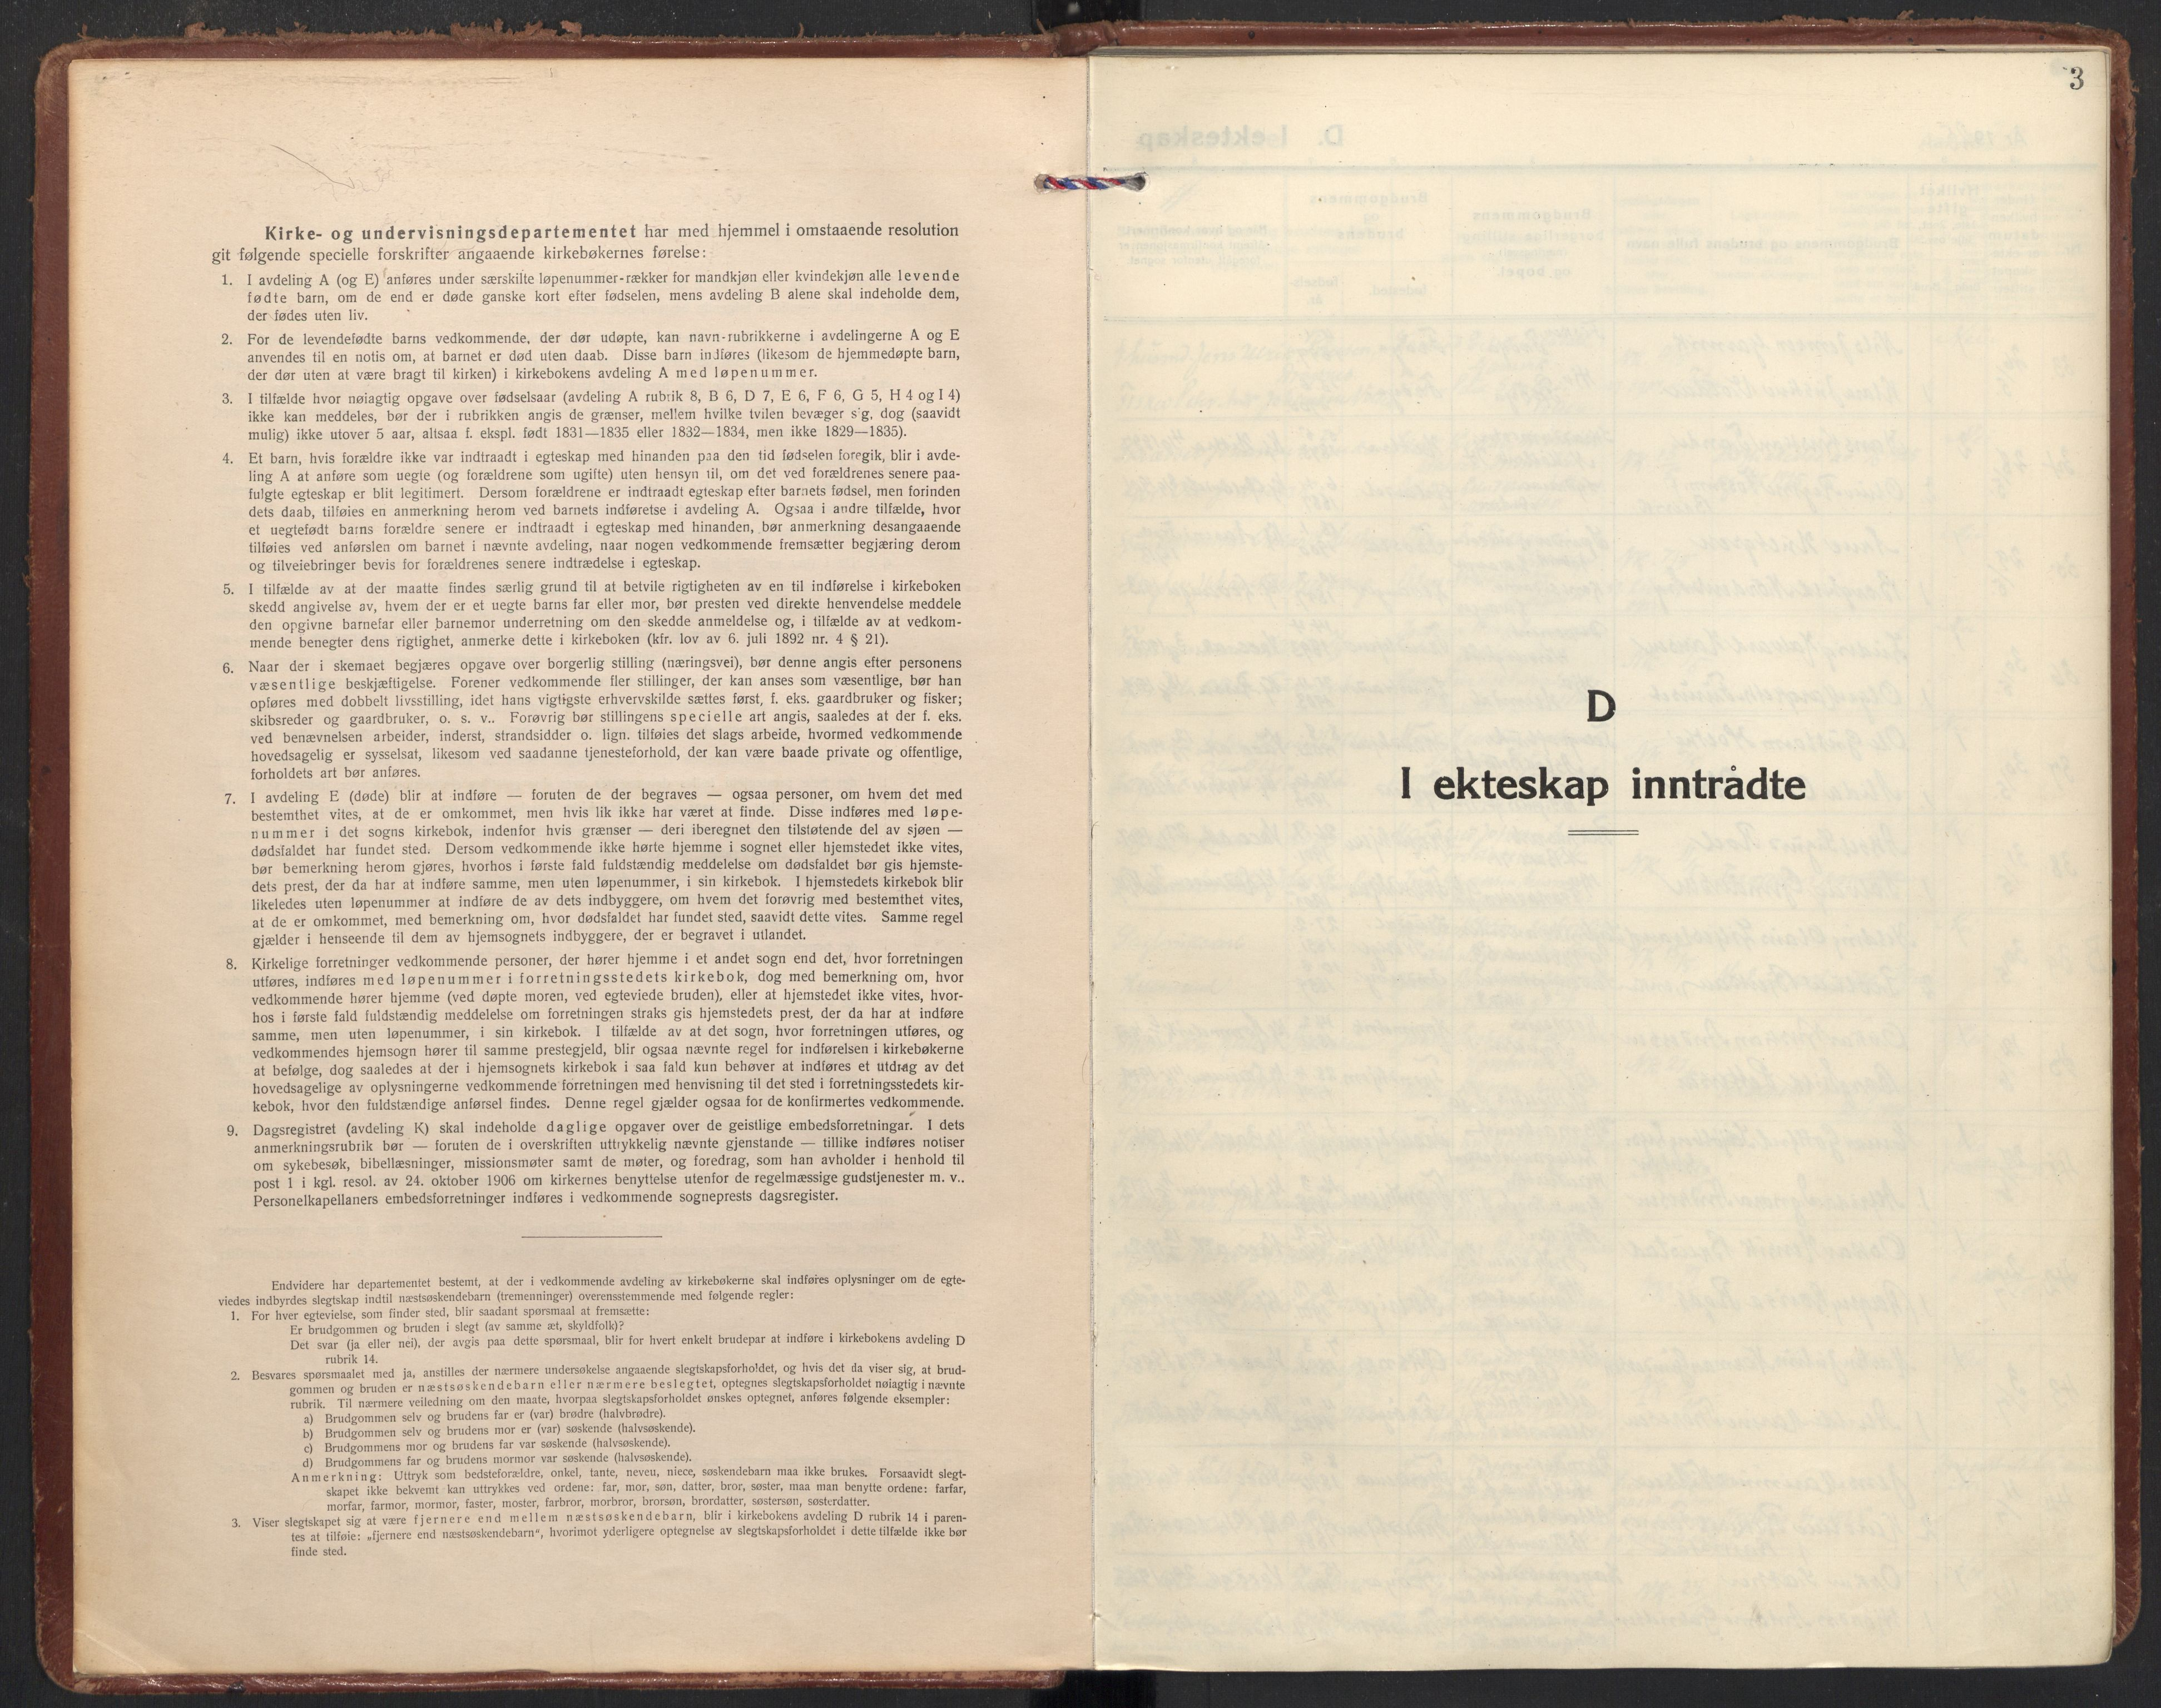 SAT, Ministerialprotokoller, klokkerbøker og fødselsregistre - Sør-Trøndelag, 605/L0249: Ministerialbok nr. 605A11, 1925-1936, s. 3